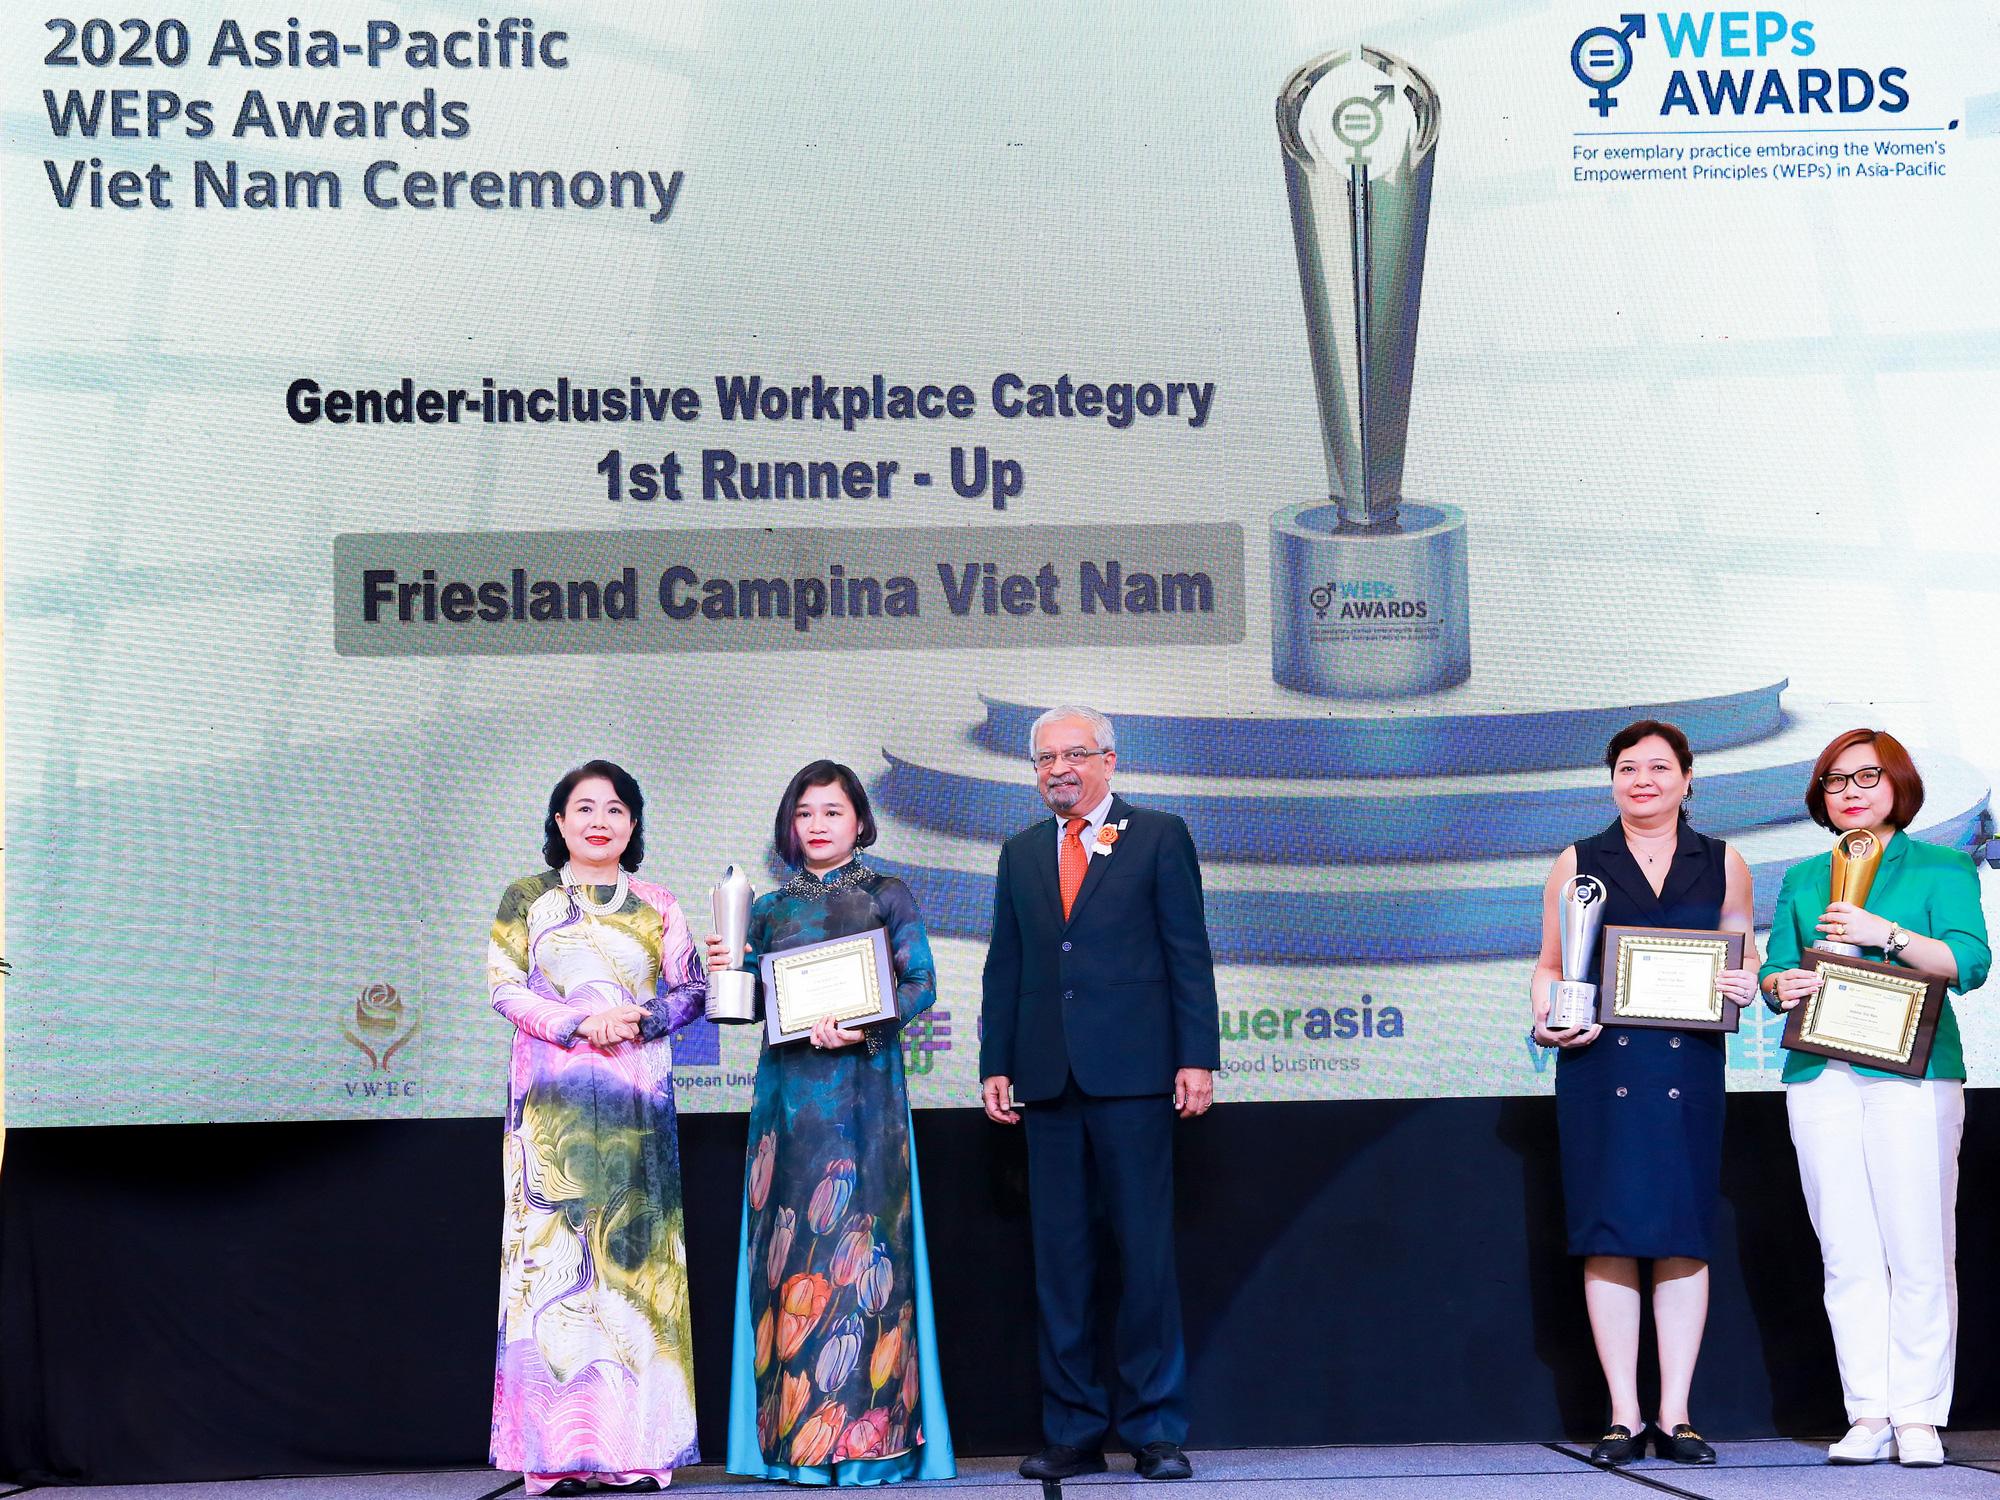 FrieslandCampina Vietnam nhận giải thưởng Trao quyền cho Phụ nữ khu vực châu Á – Thái Bình Dương - Ảnh 2.